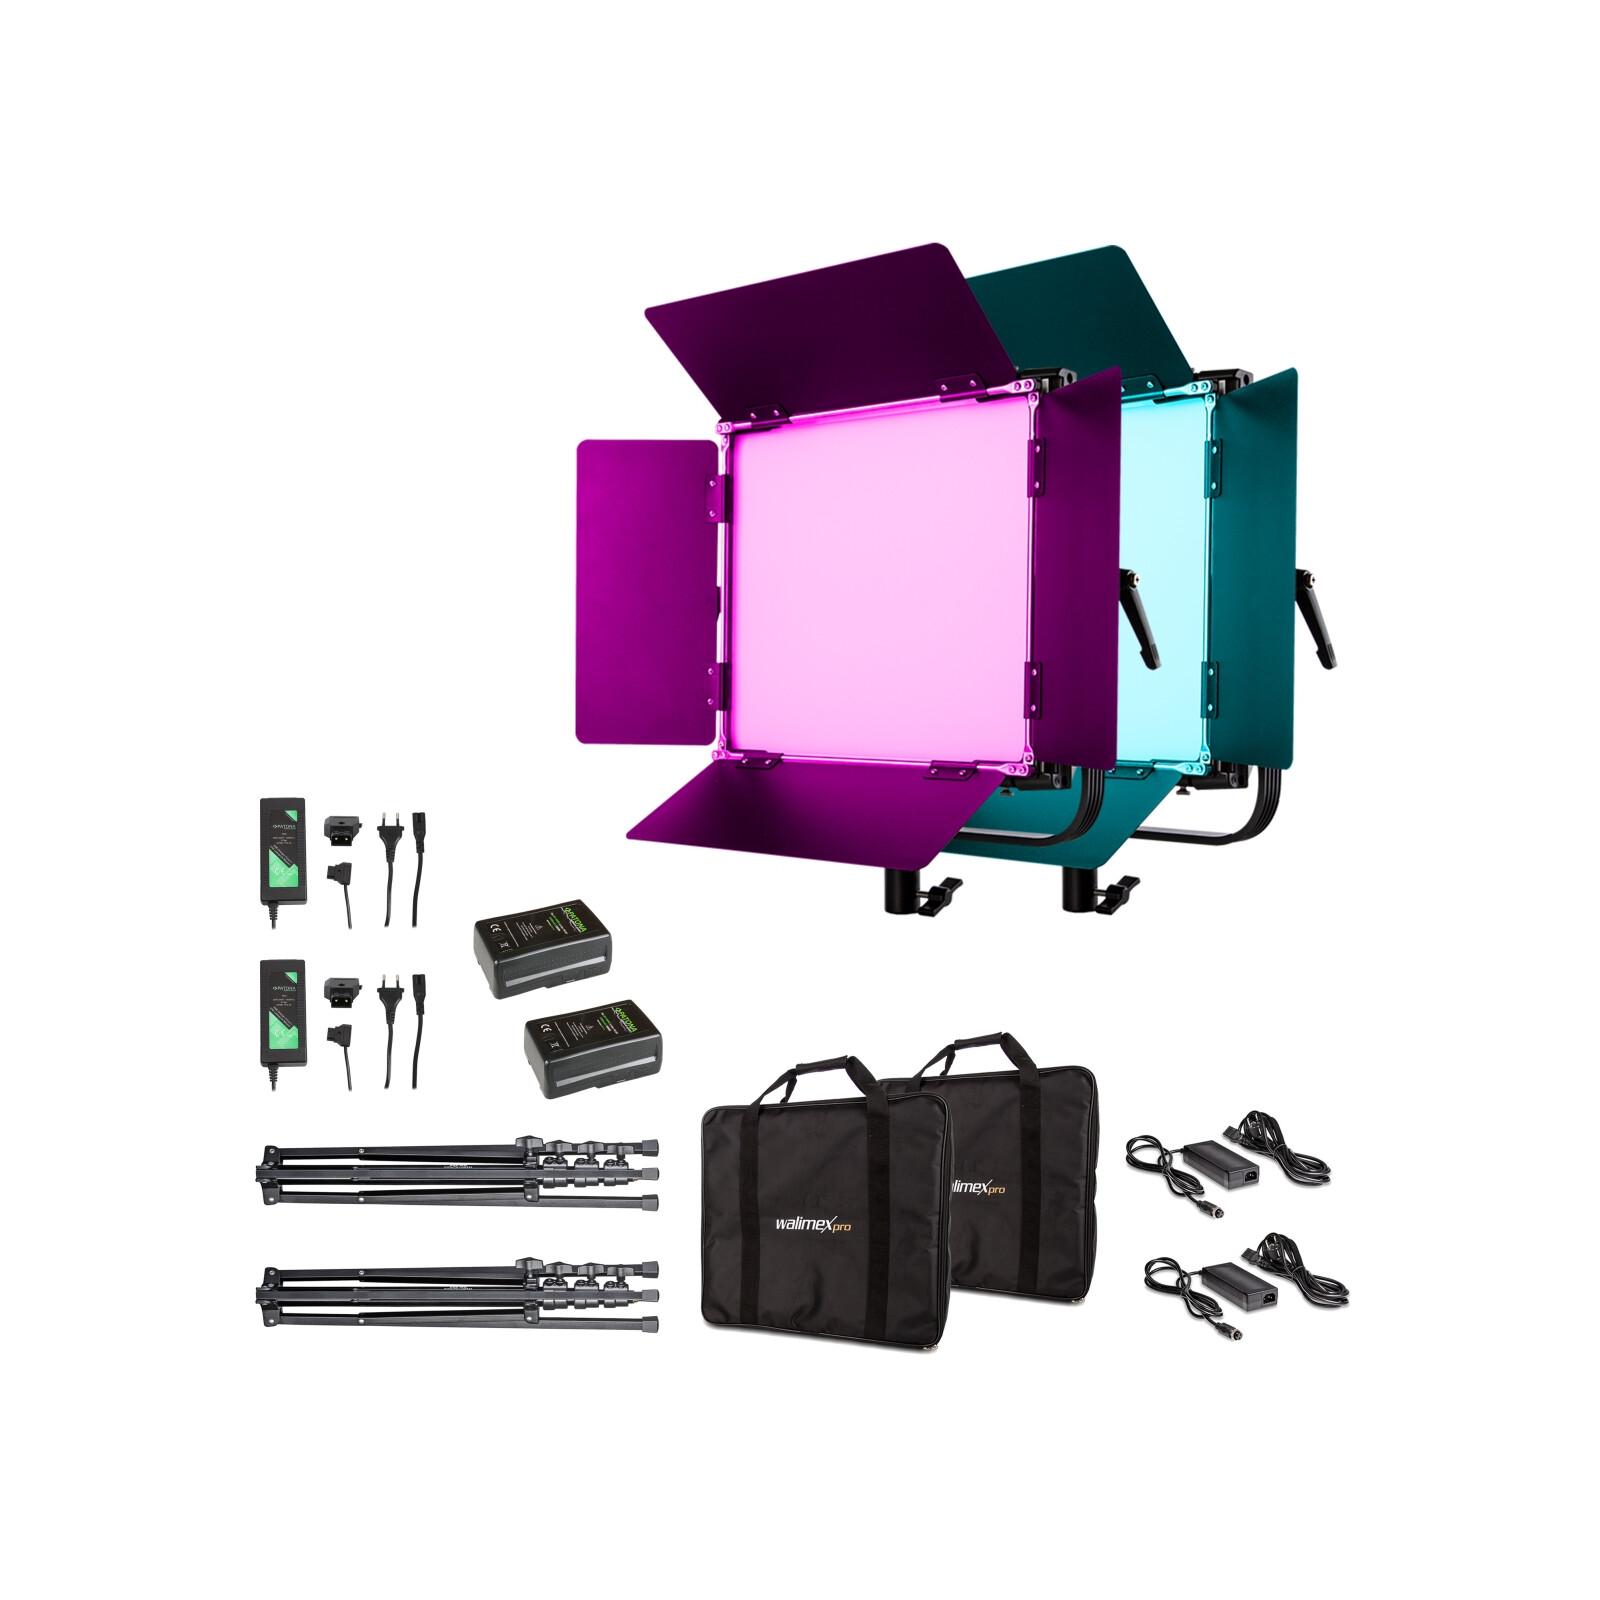 Walimex pro LED Rainbow 100W RGBWW Set 4 (2x Rainbow 100W, 2